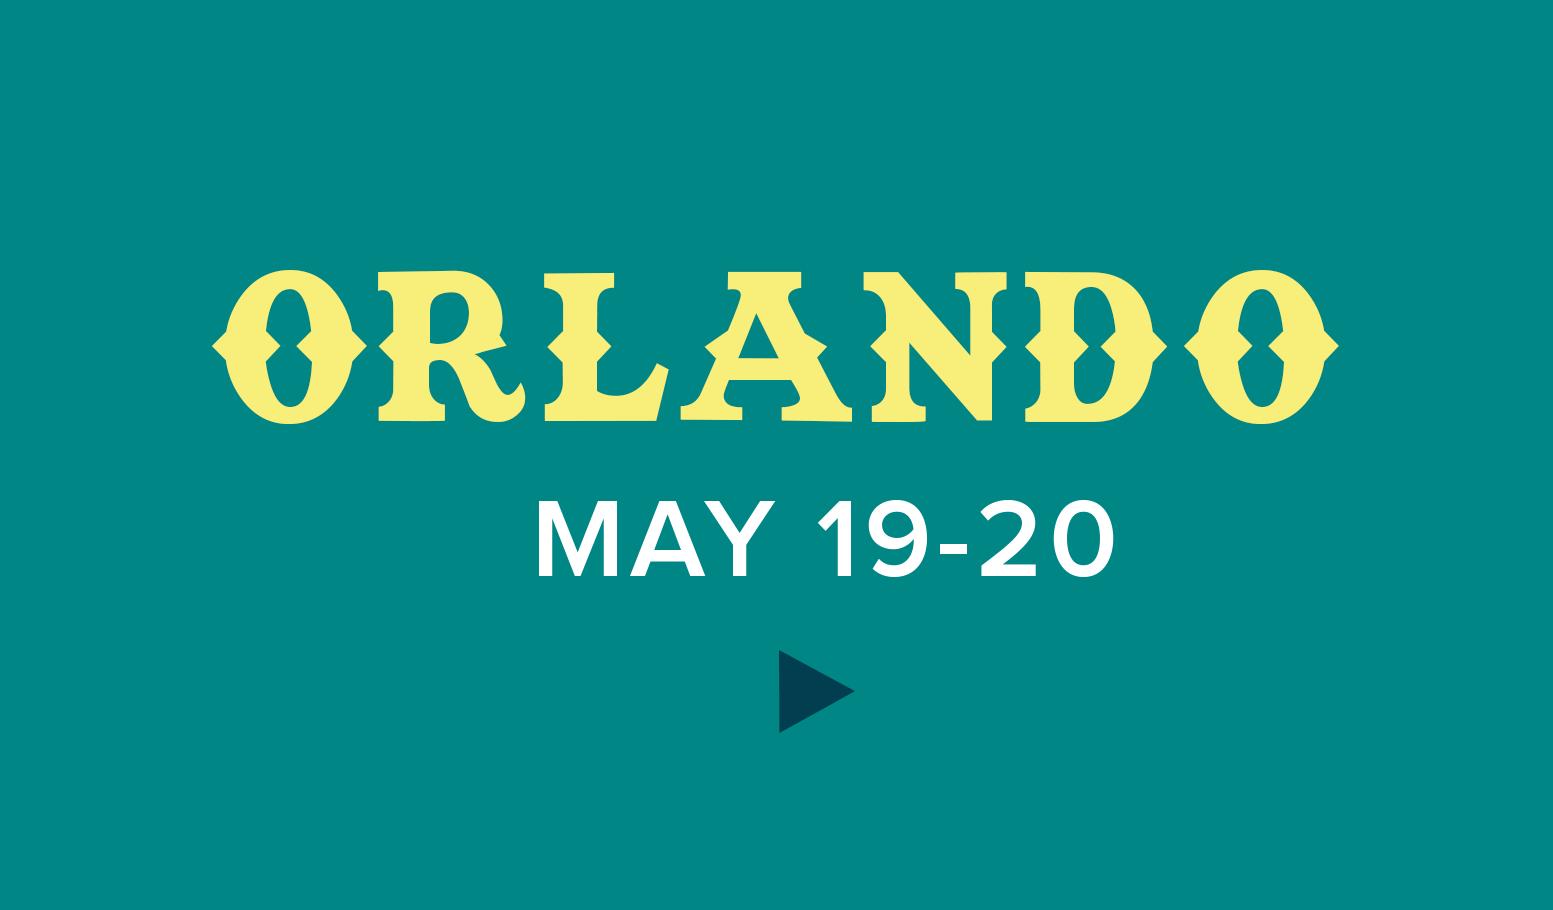 The Margomobile Tour - Orlando